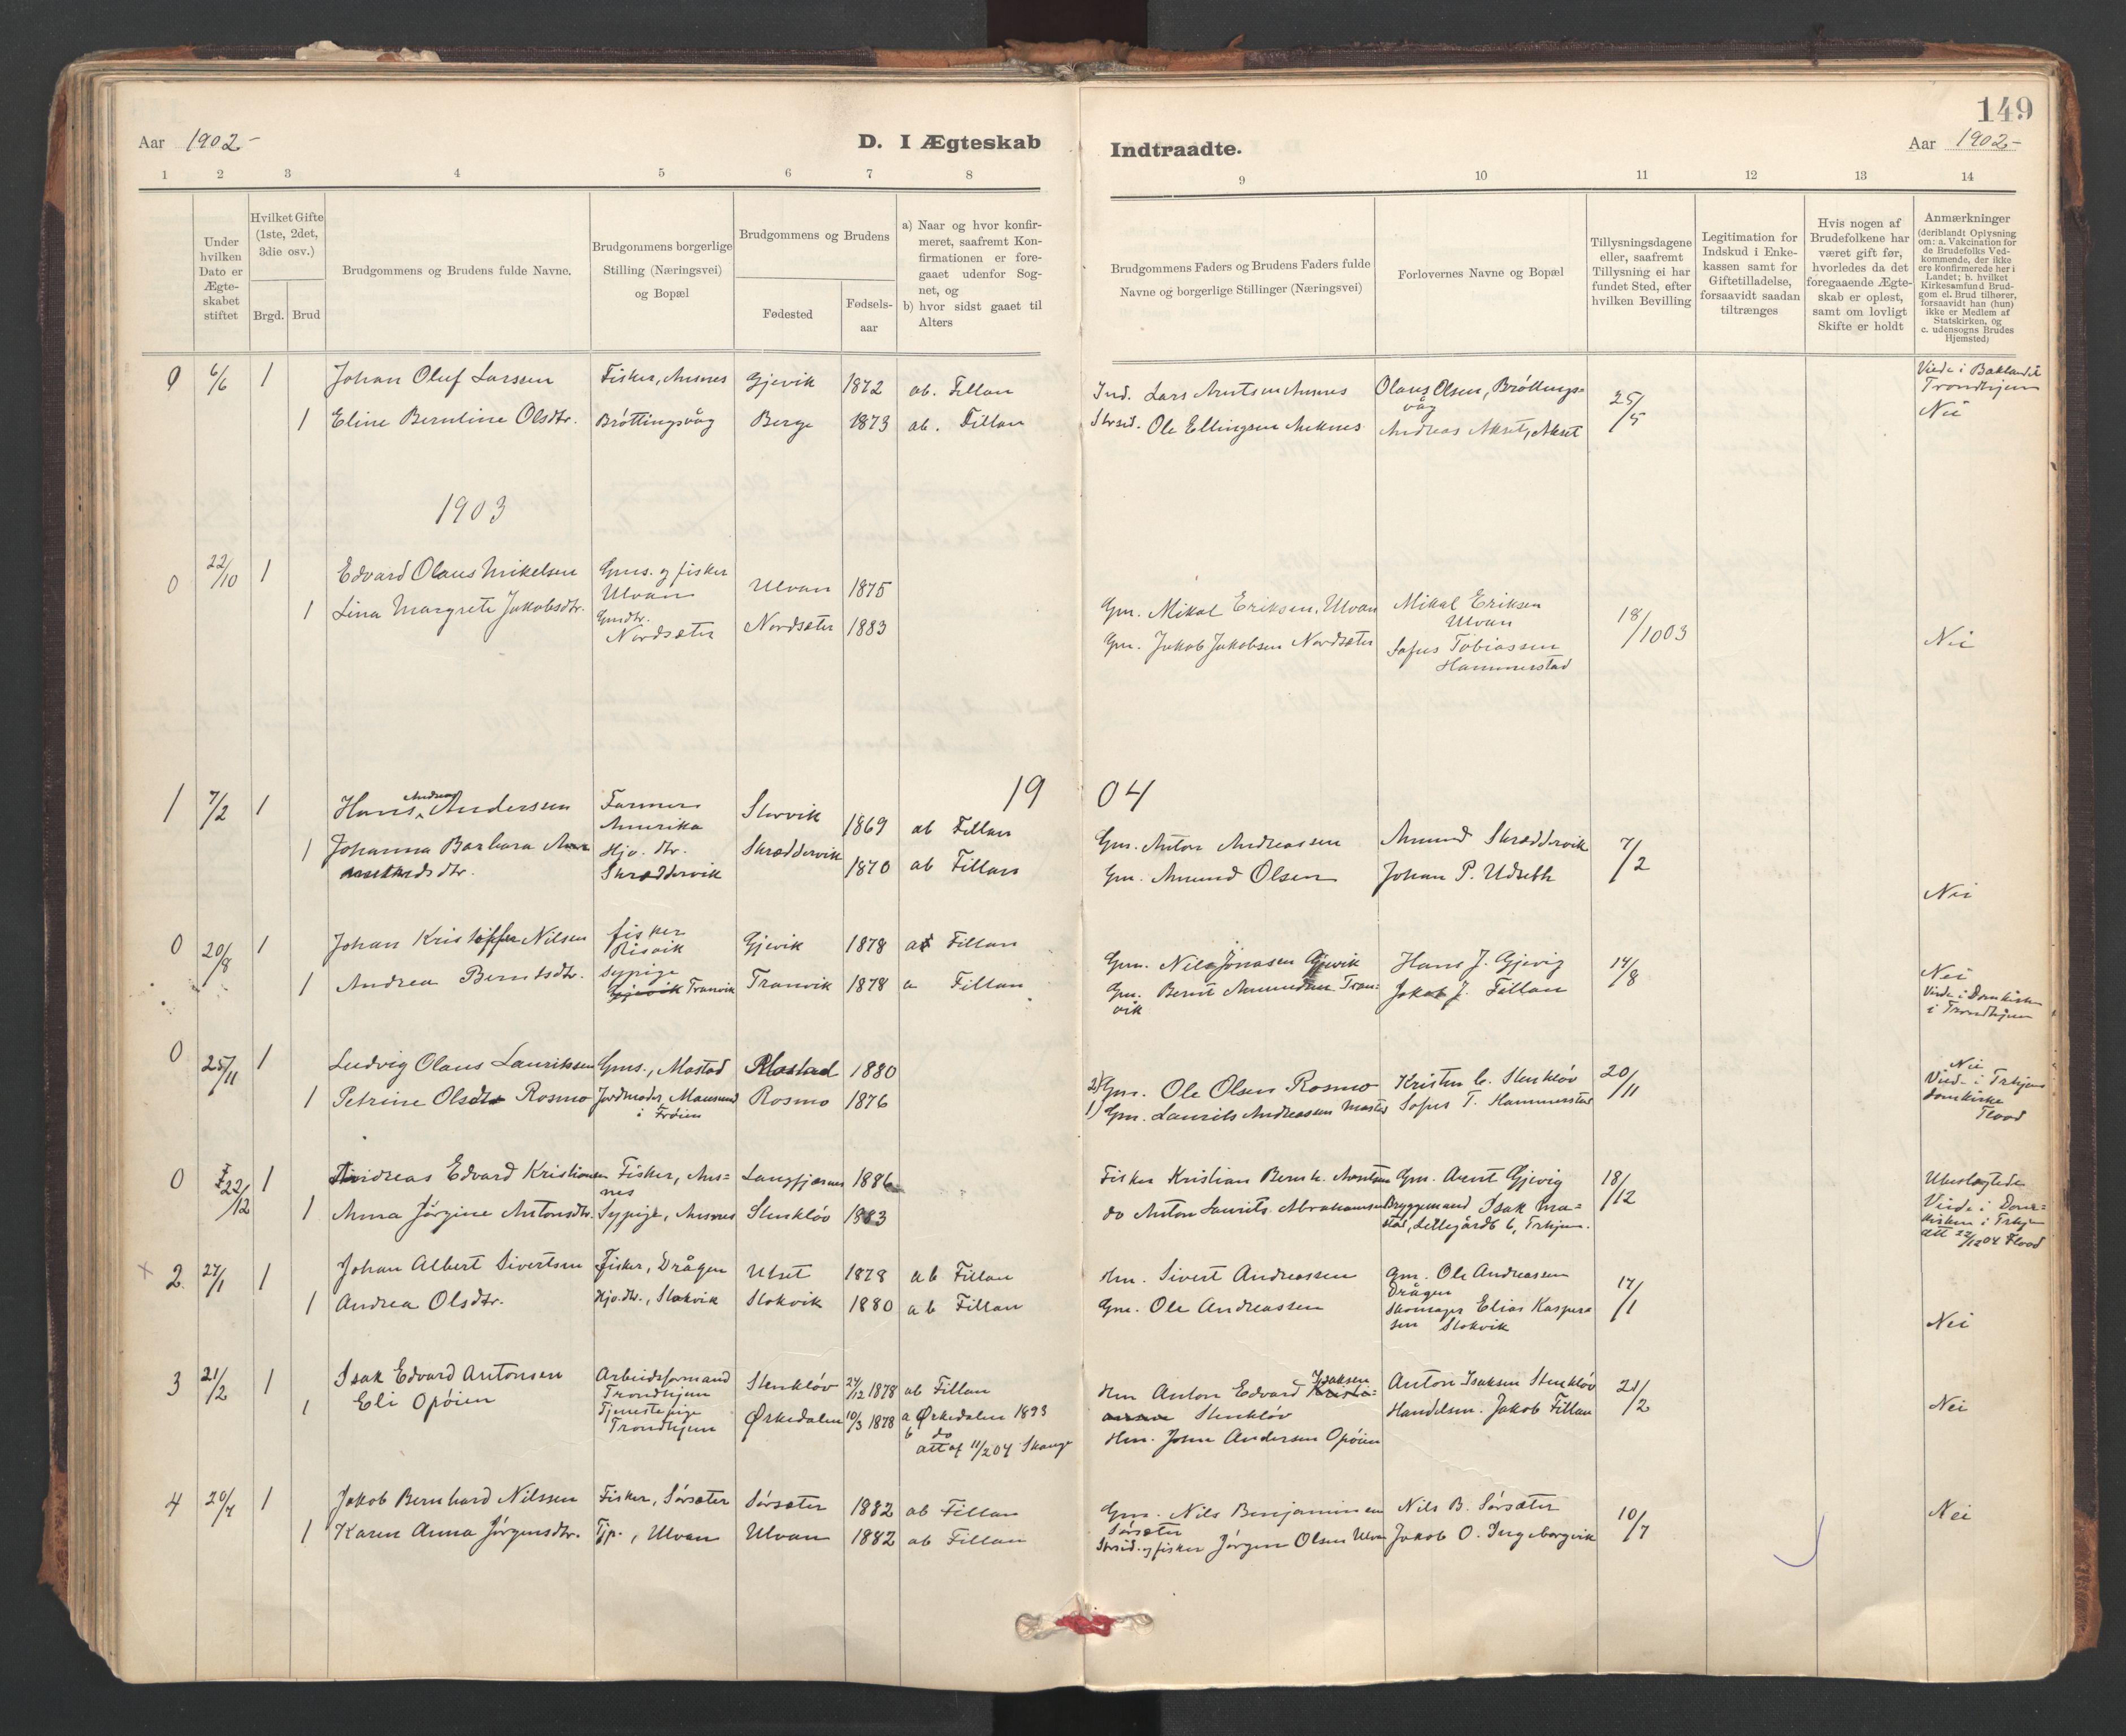 SAT, Ministerialprotokoller, klokkerbøker og fødselsregistre - Sør-Trøndelag, 637/L0559: Ministerialbok nr. 637A02, 1899-1923, s. 149